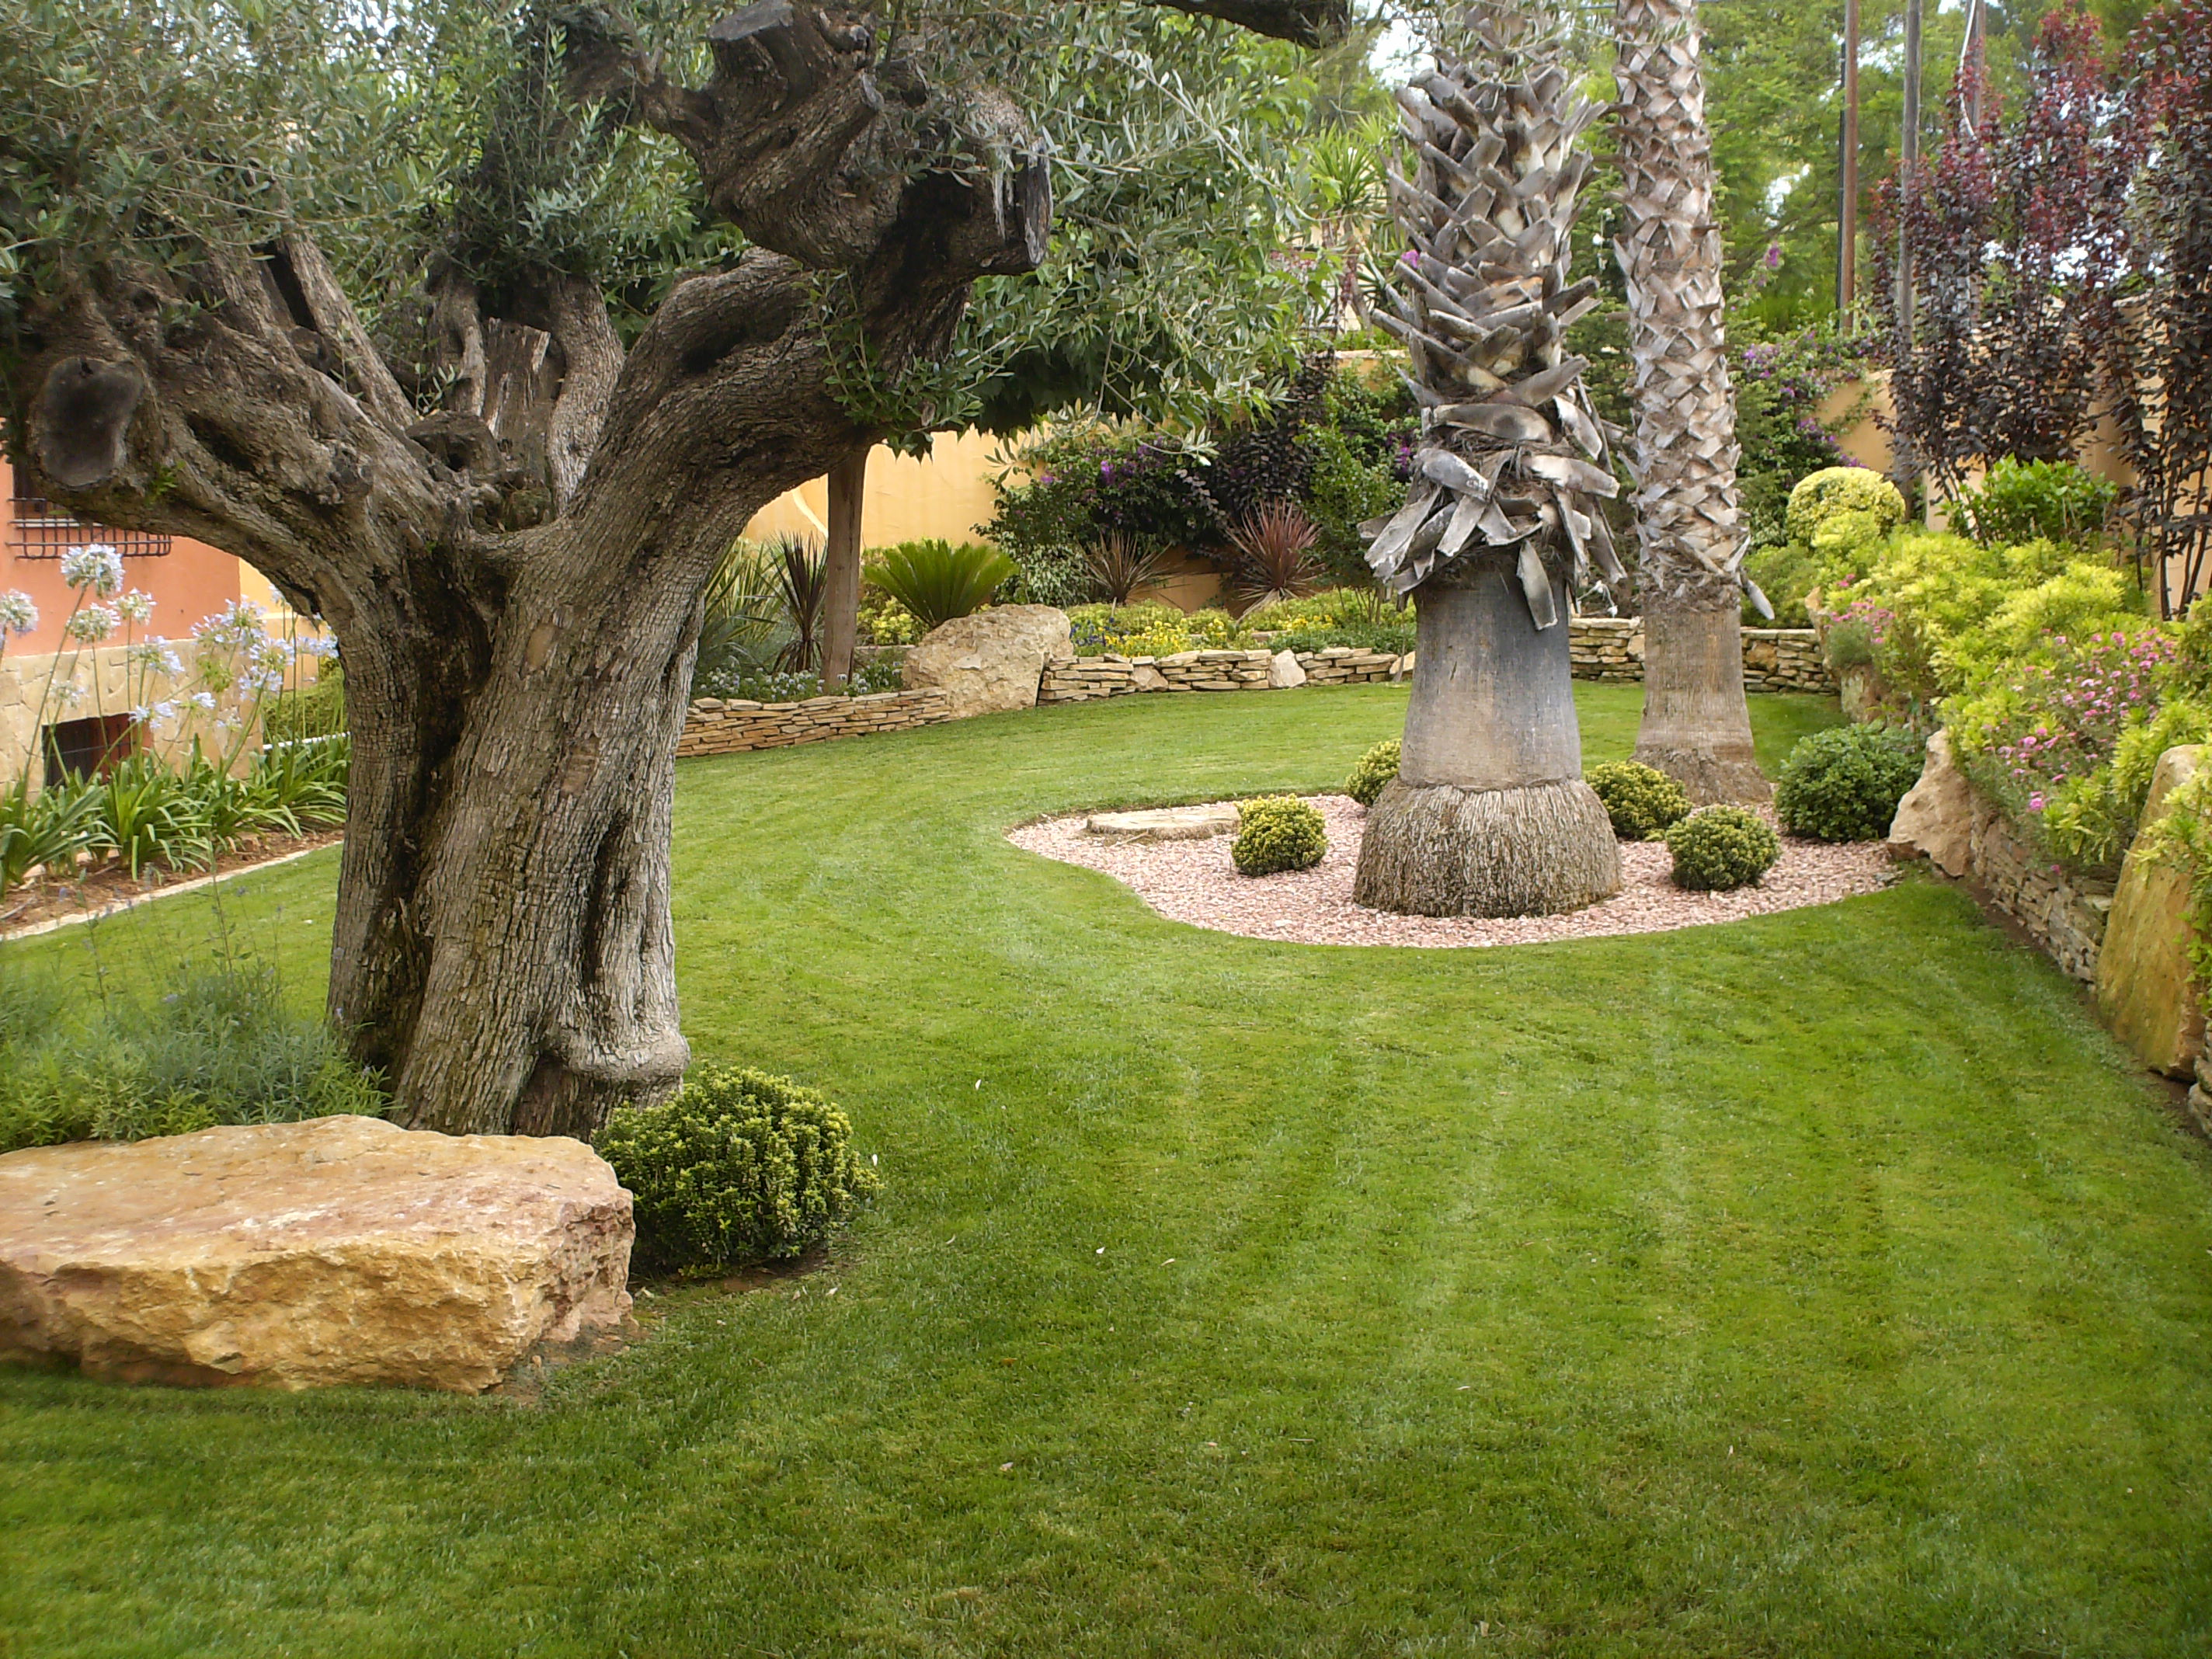 jardines de chalet dise os arquitect nicos ForJardines De Chalets